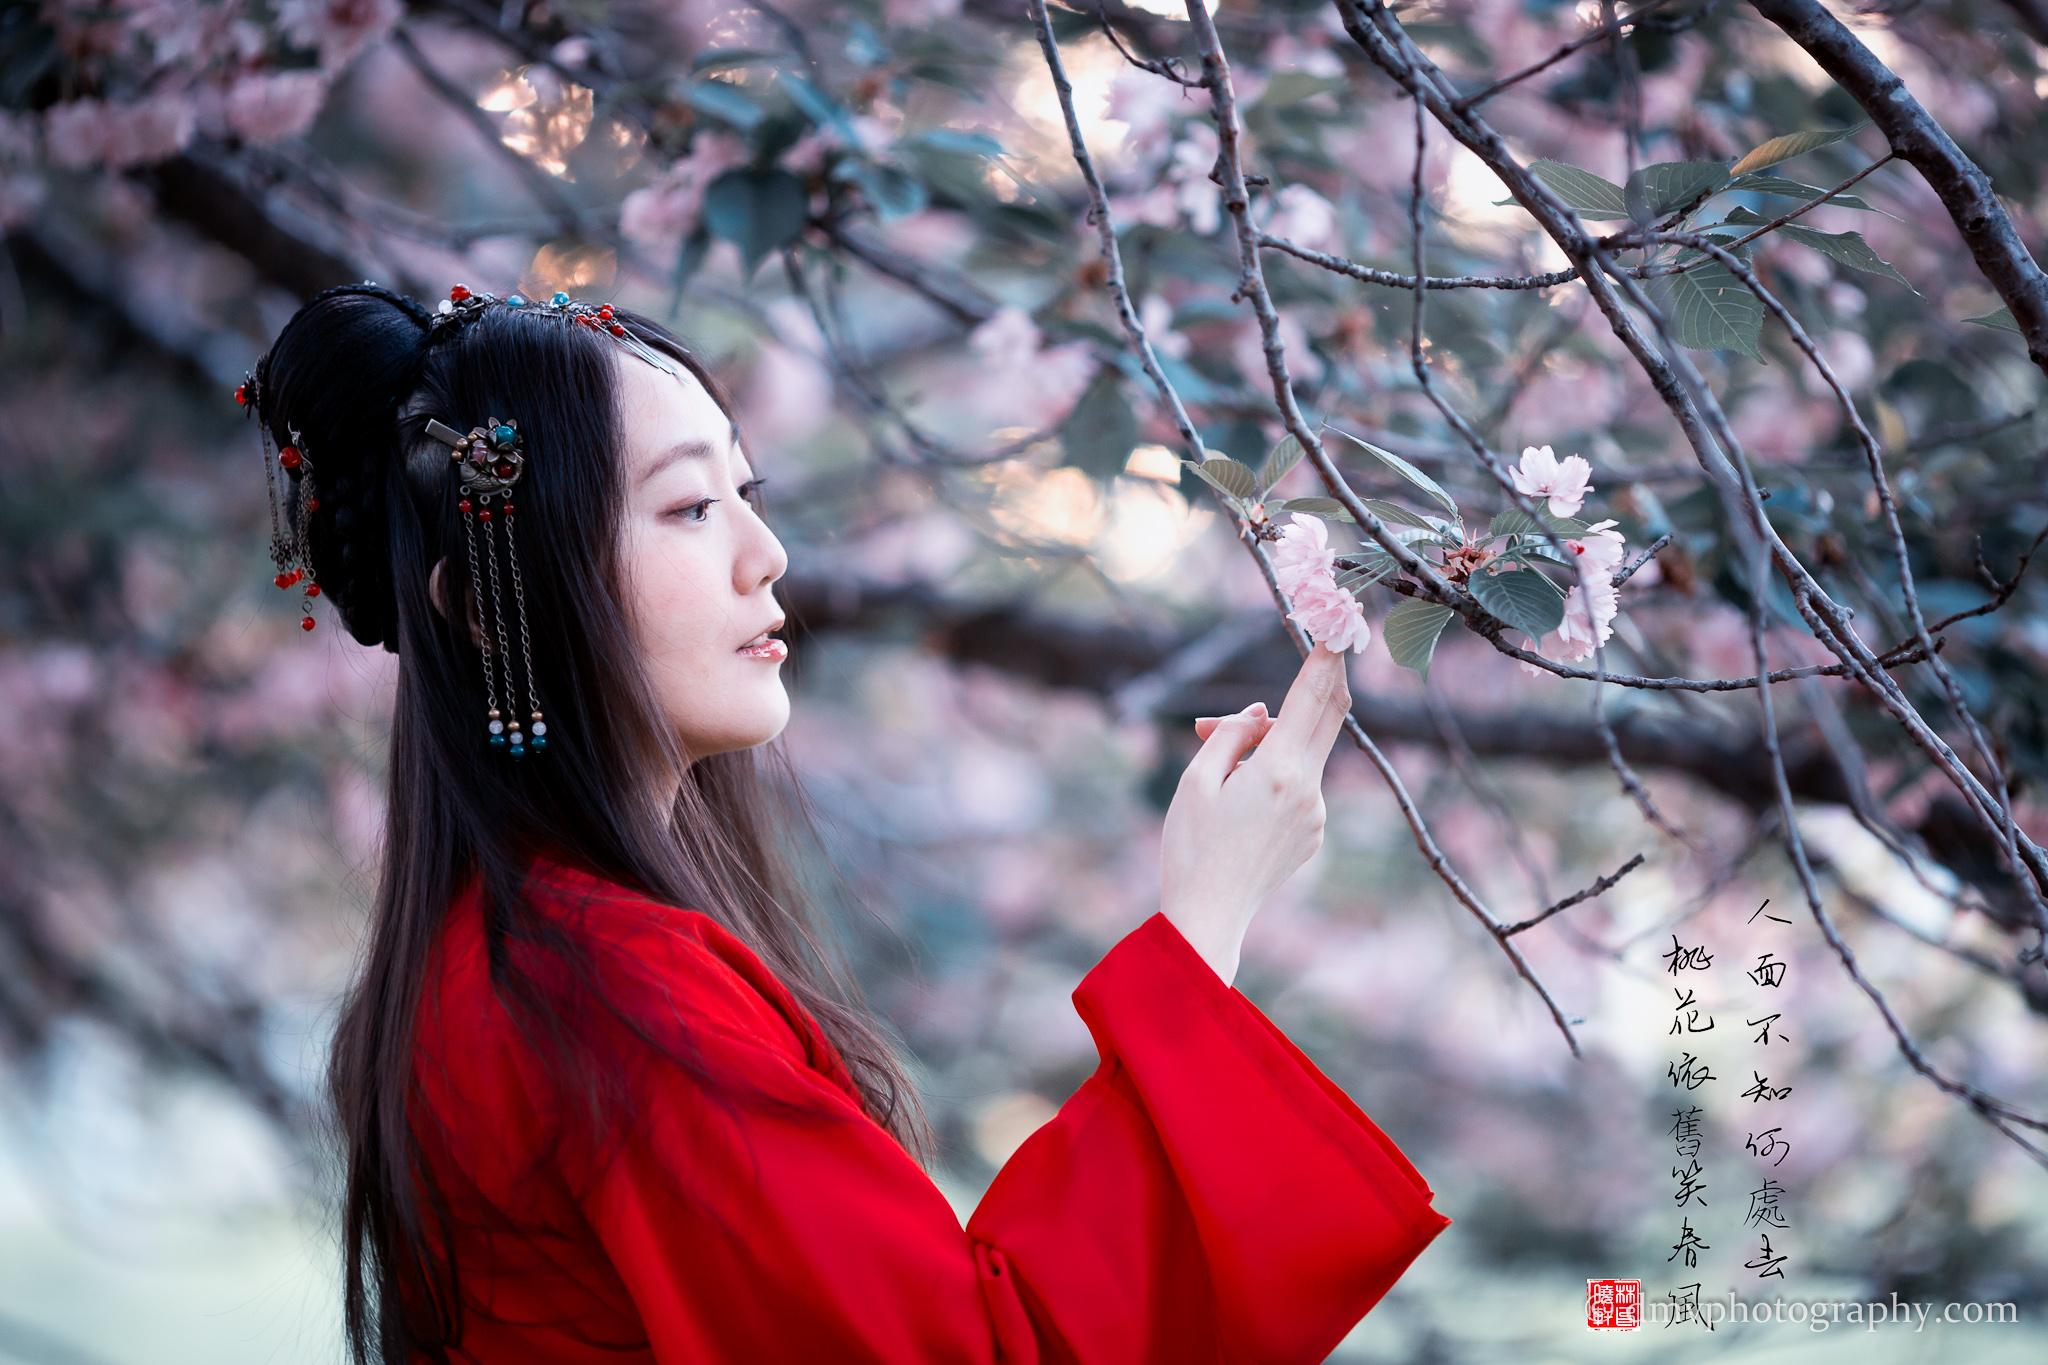 2016-04-20 - Zhu Xing - 00027